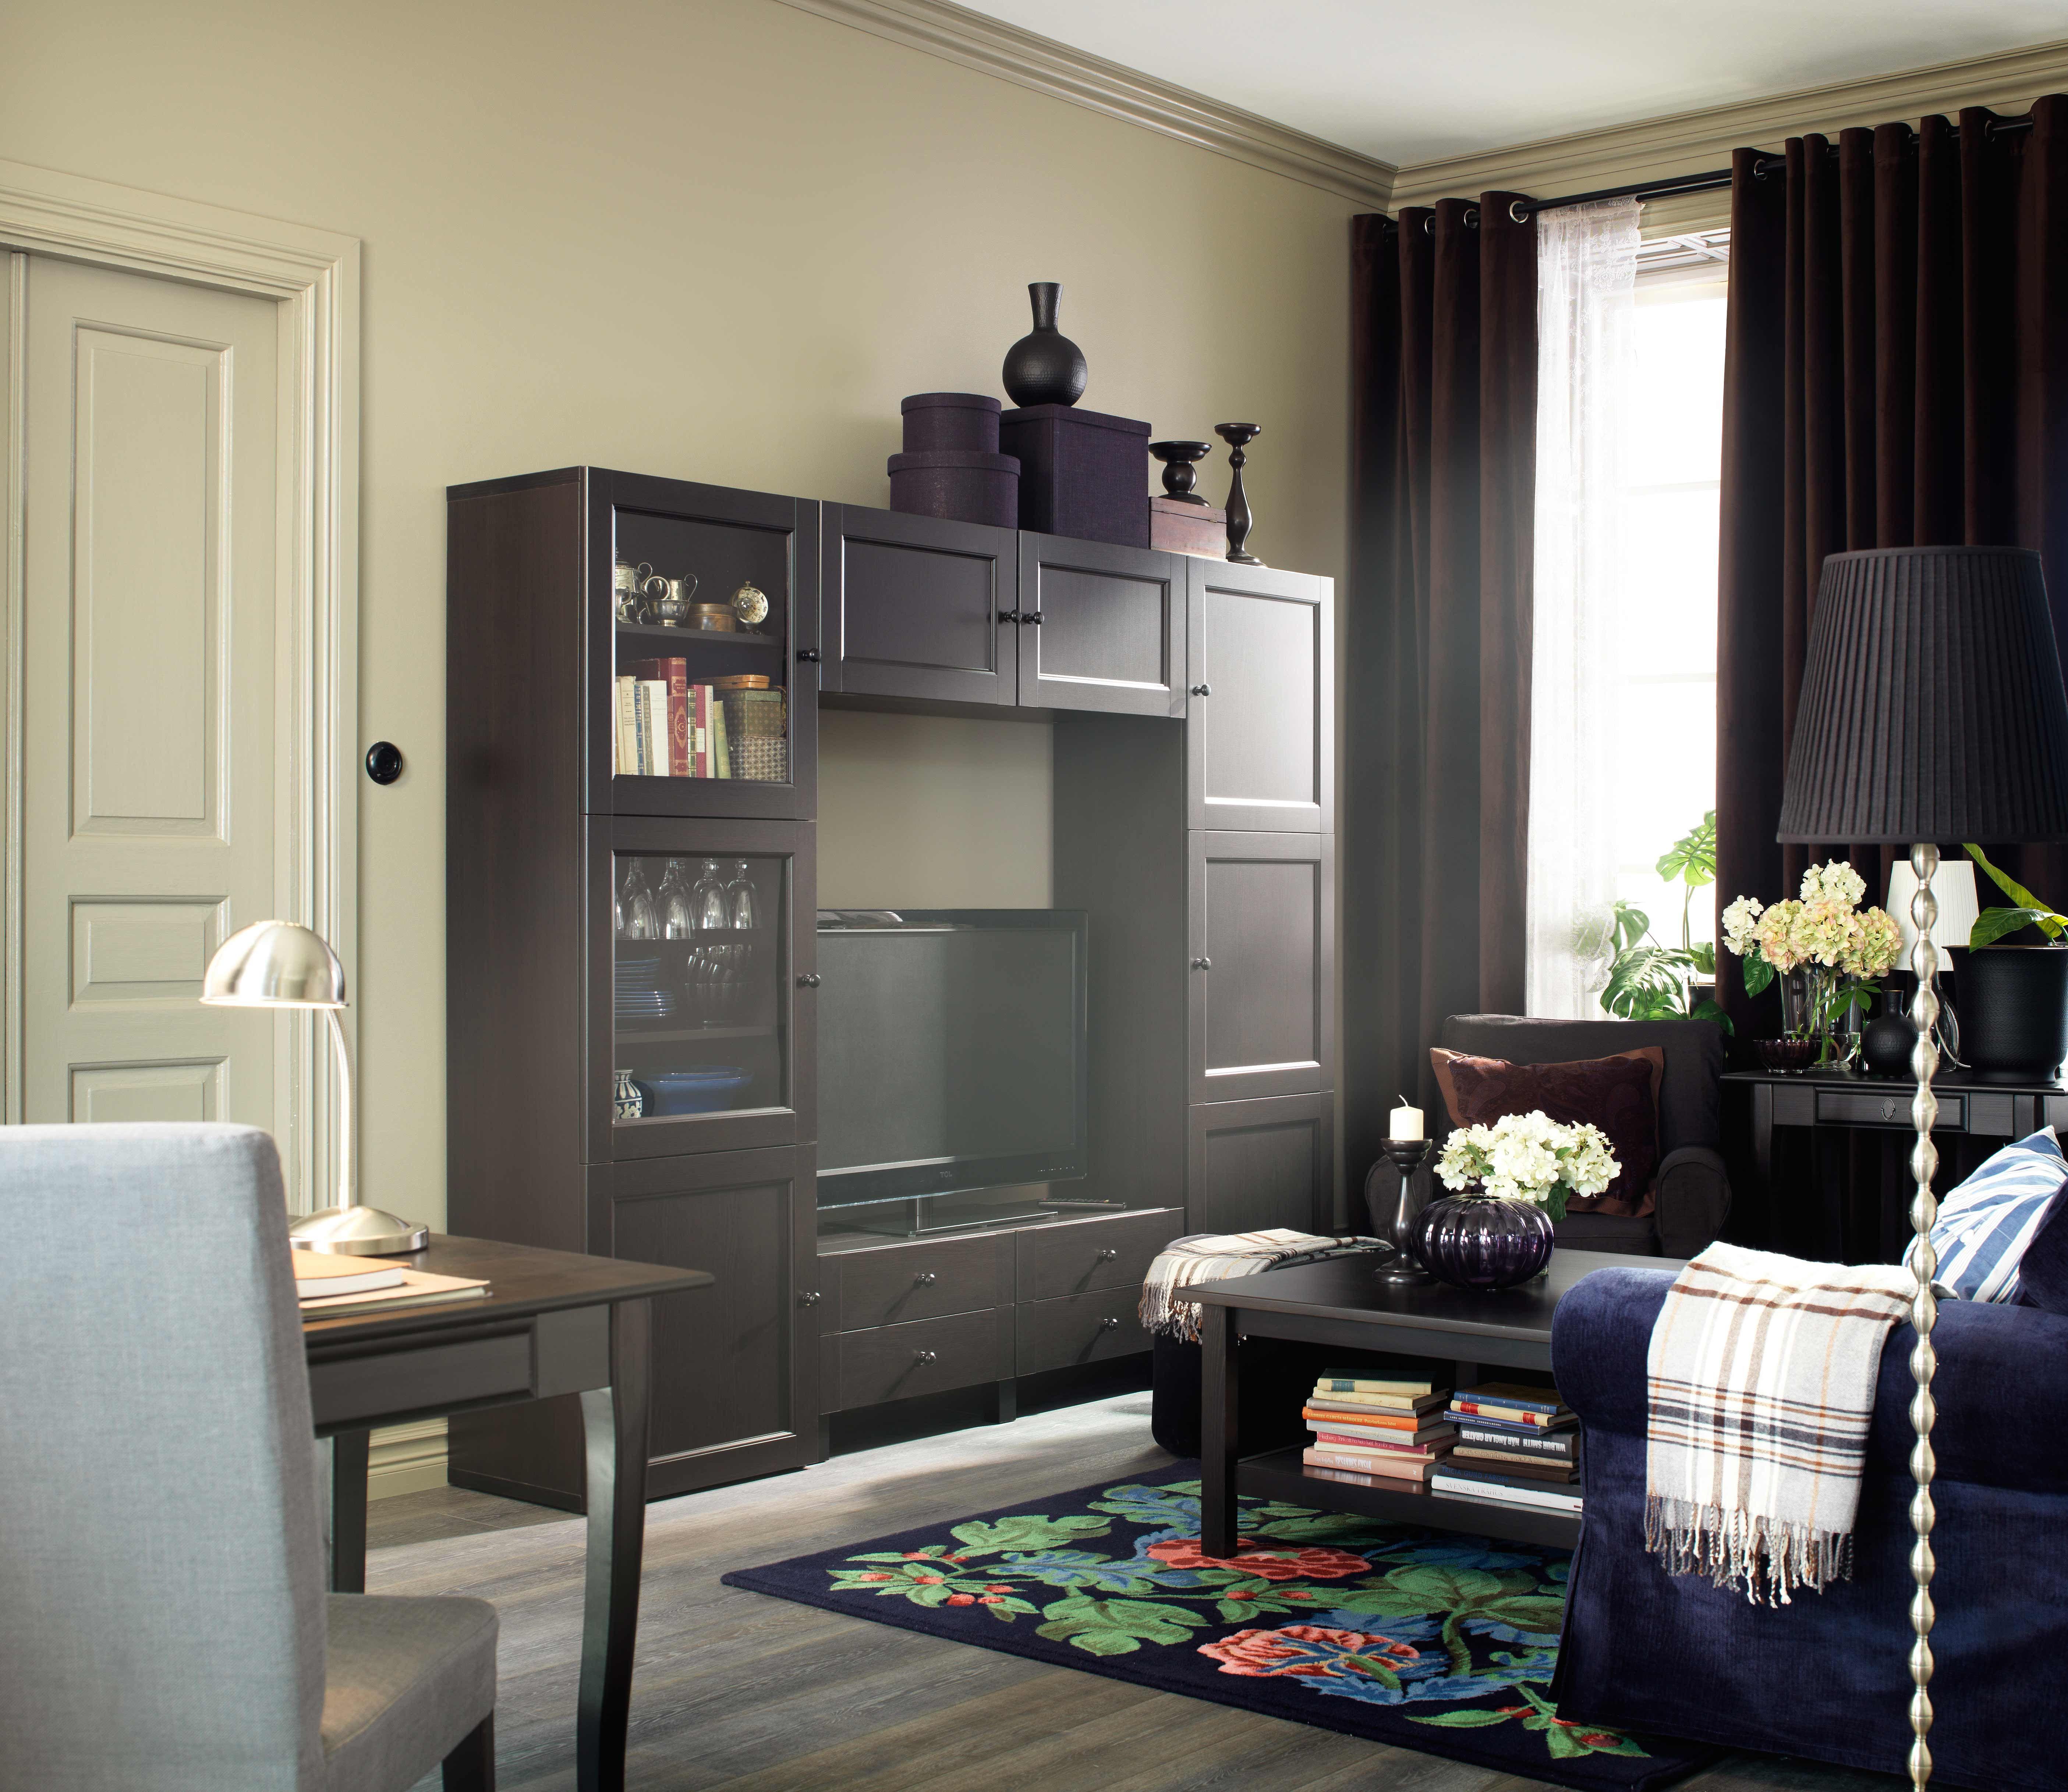 Wohnzimmer U2013 Wohnzimmermöbel Entdecken U2013 IKEA.AT